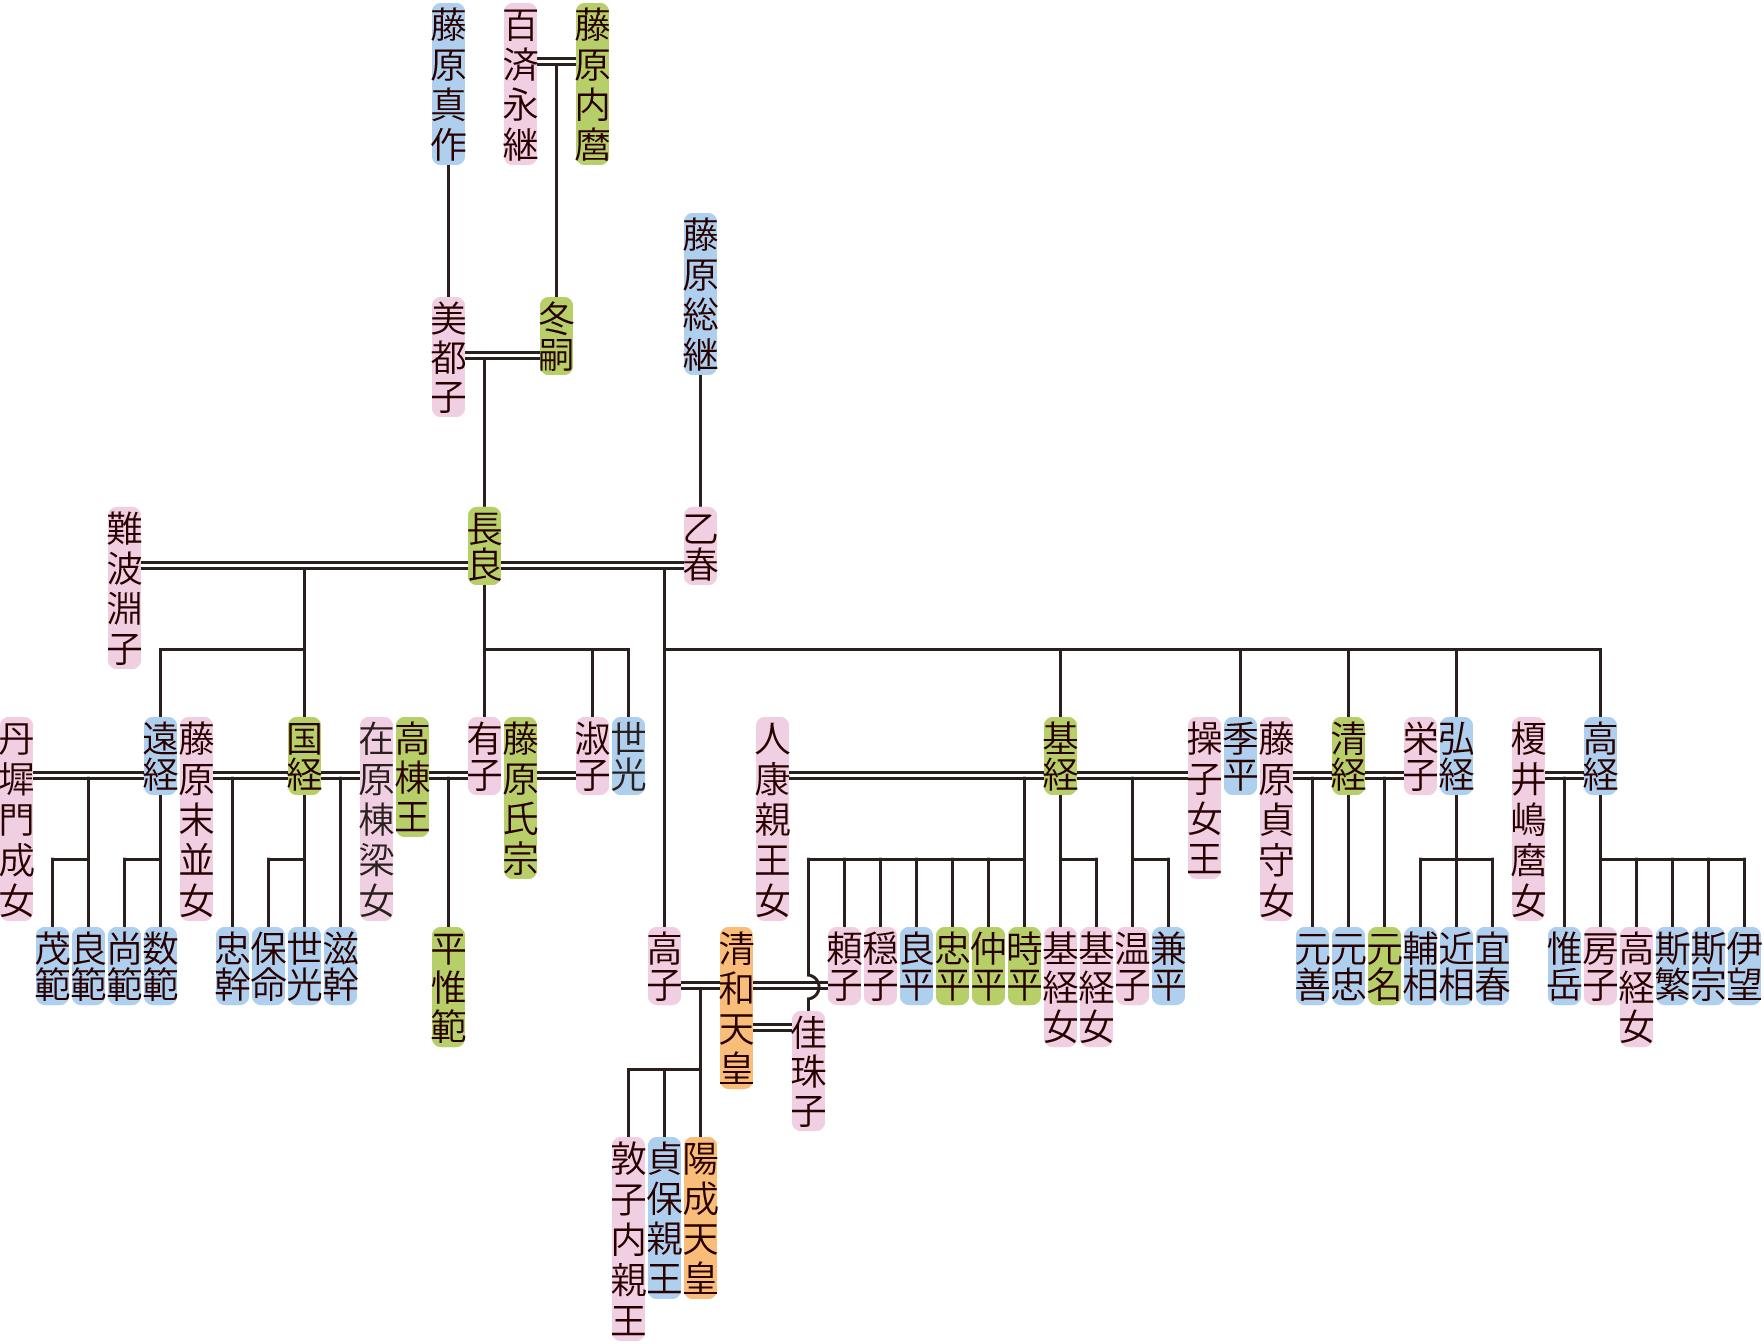 藤原長良の系図